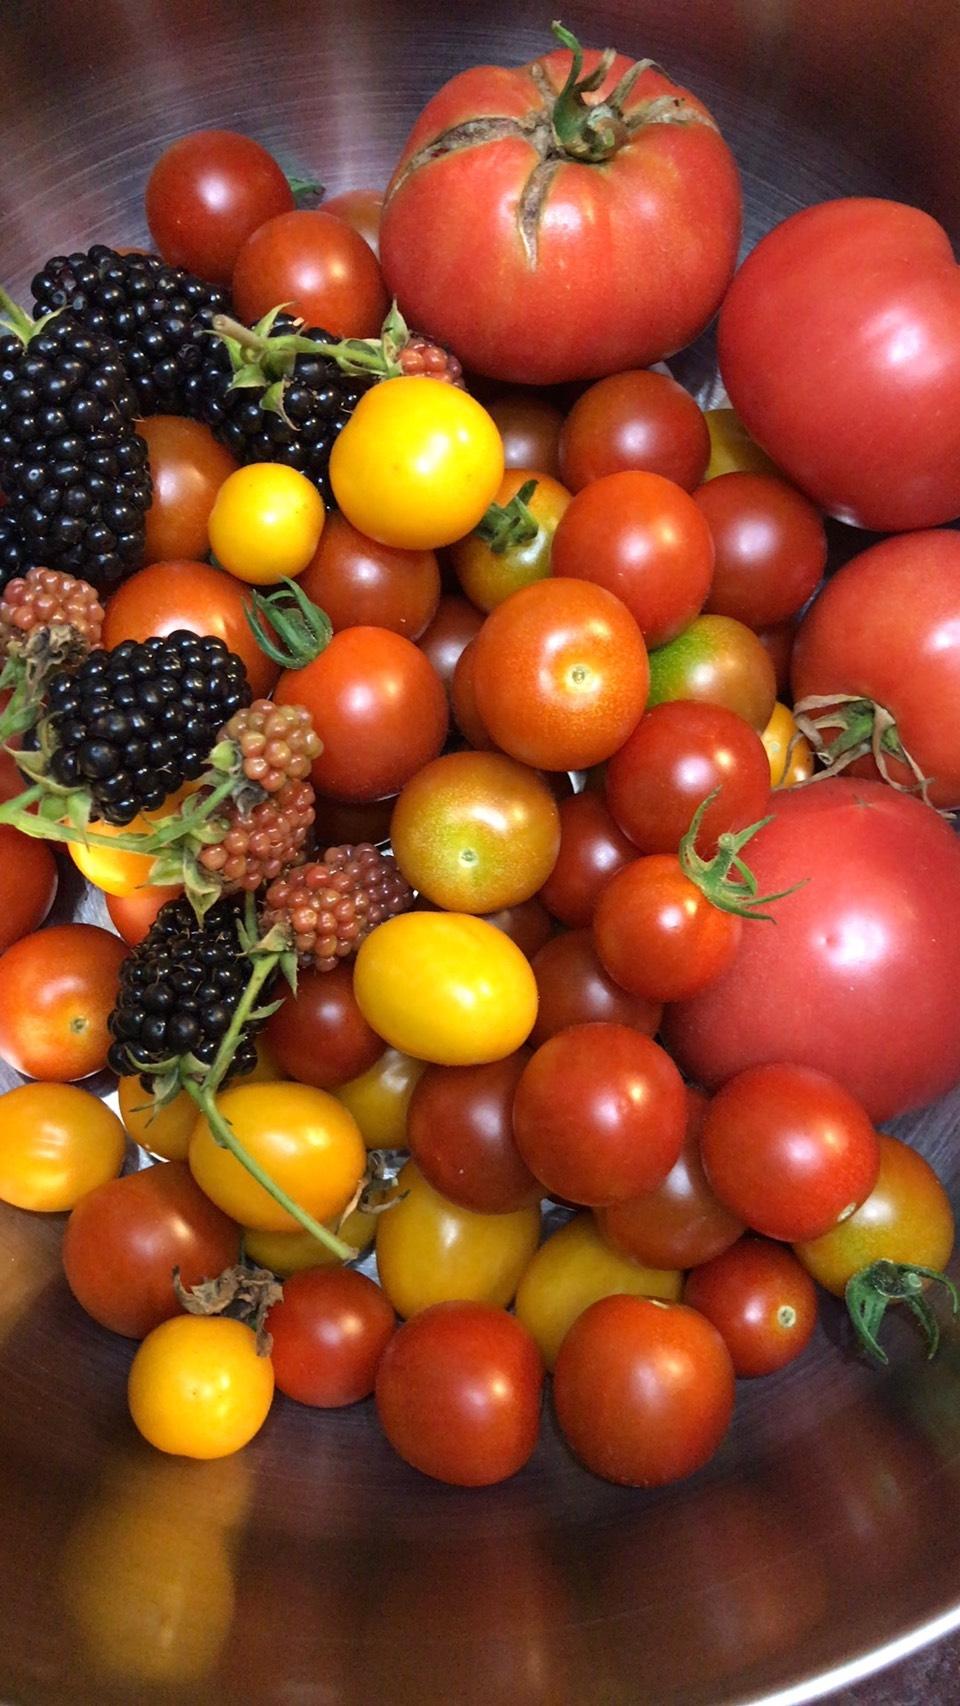 種類豊富なトマト